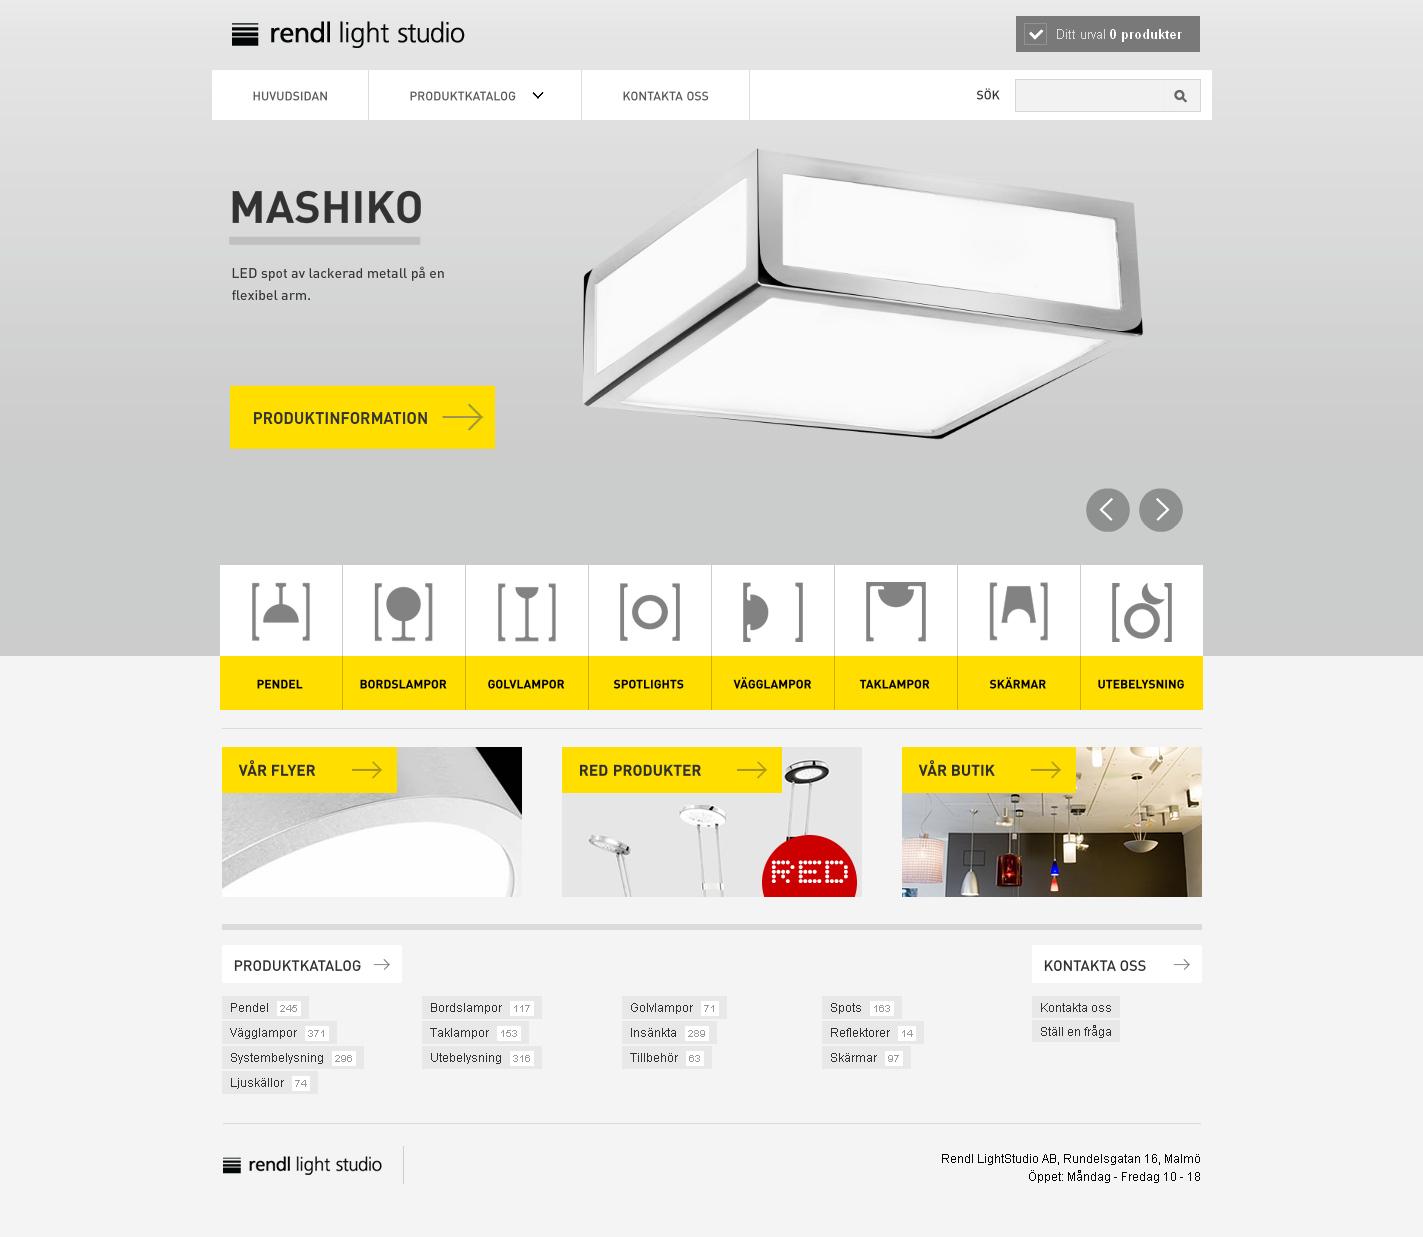 瑞典rendl灯具产品设计工作室网站